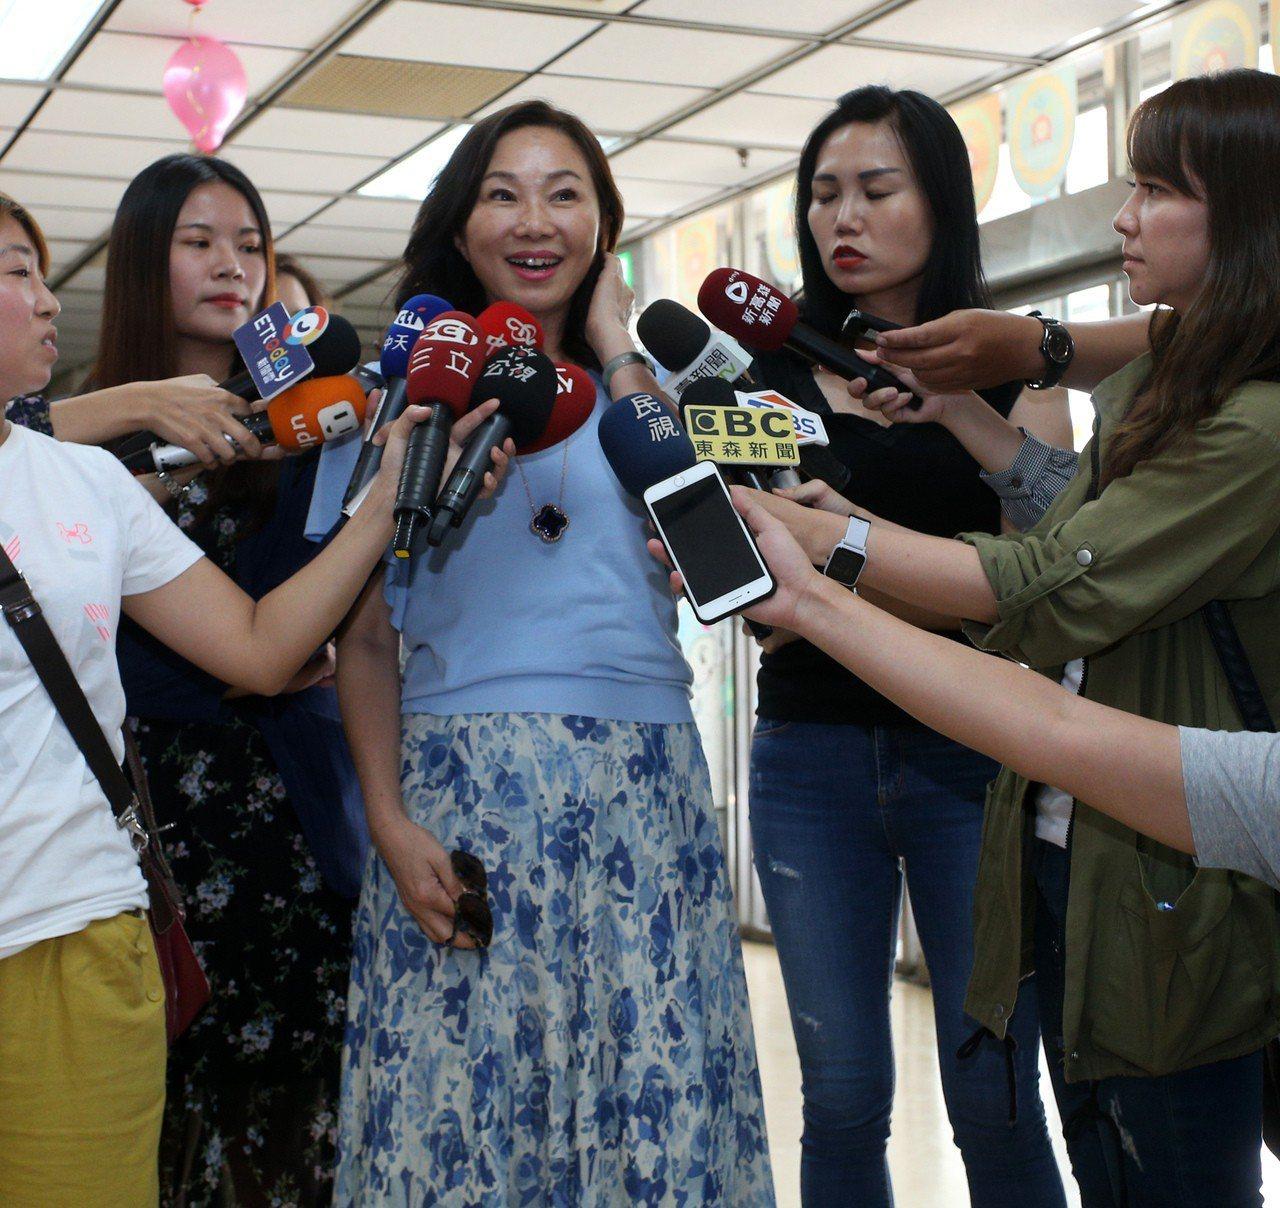 高雄市長韓國瑜夫人李佳芬今天中午出席無障礙之家公益活動,他表示當初是出版社跟黃光...